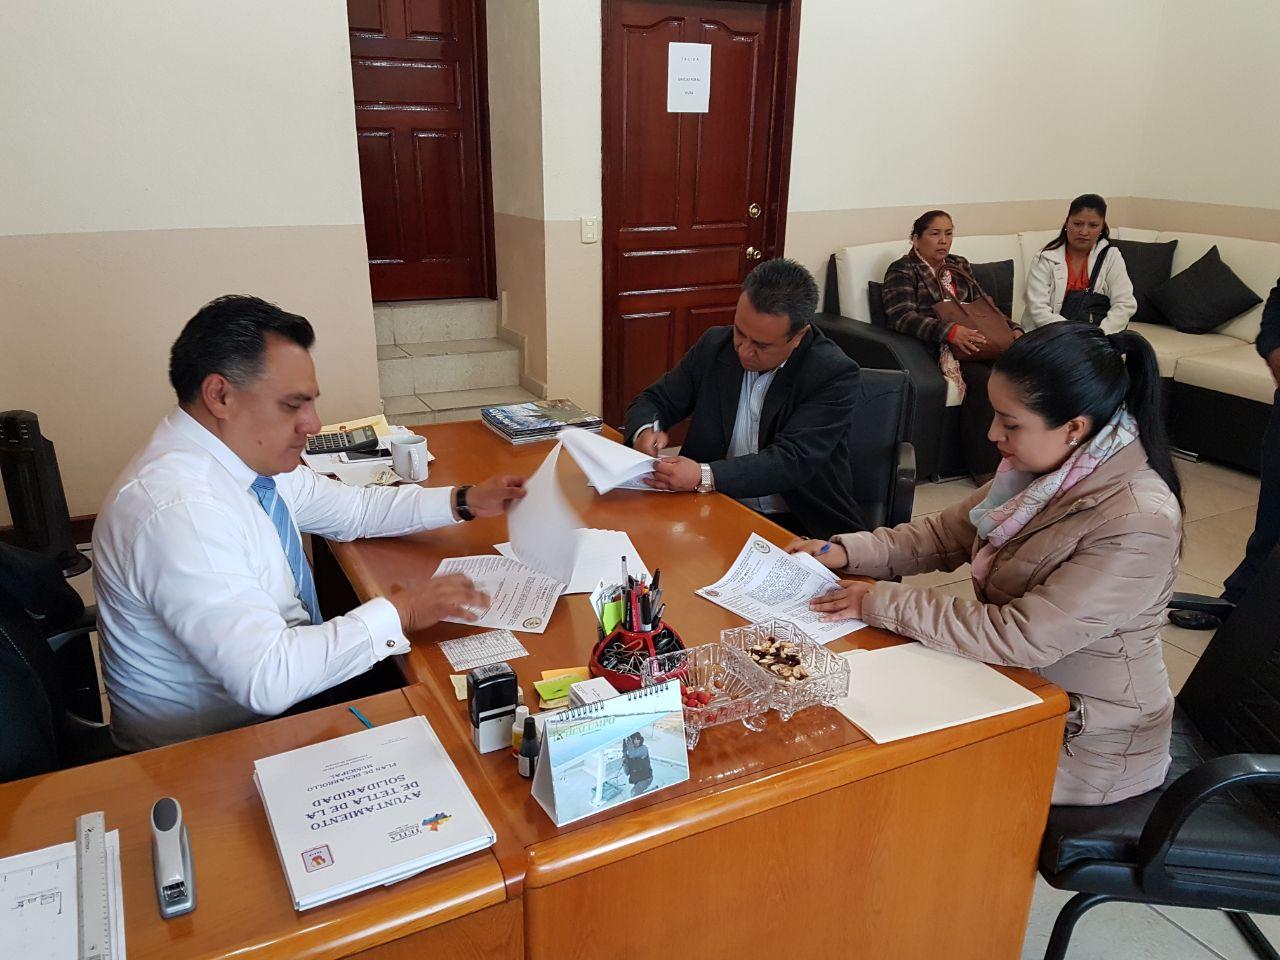 Firma contrato colectivo de trabajo Ayto. de Tetla de la Solidaridad y sindicato 7 de mayo